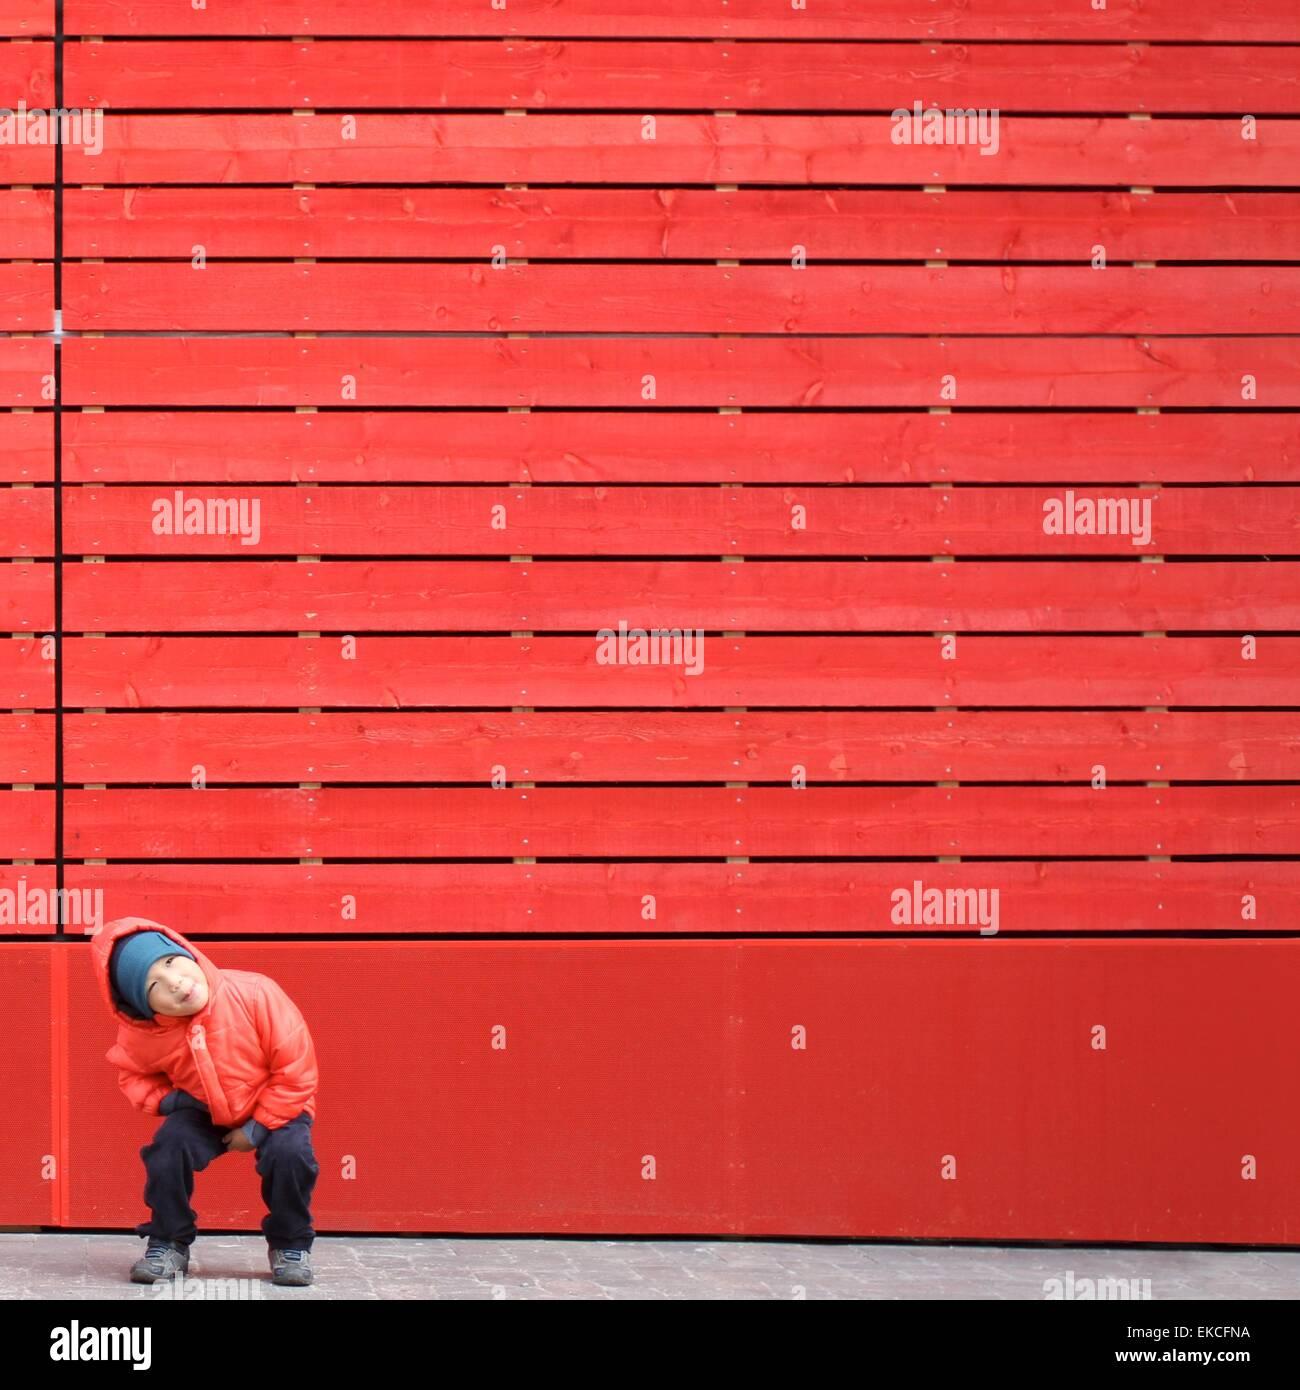 Ragazzo in rosso a giocare davanti a una parete rossa Immagini Stock